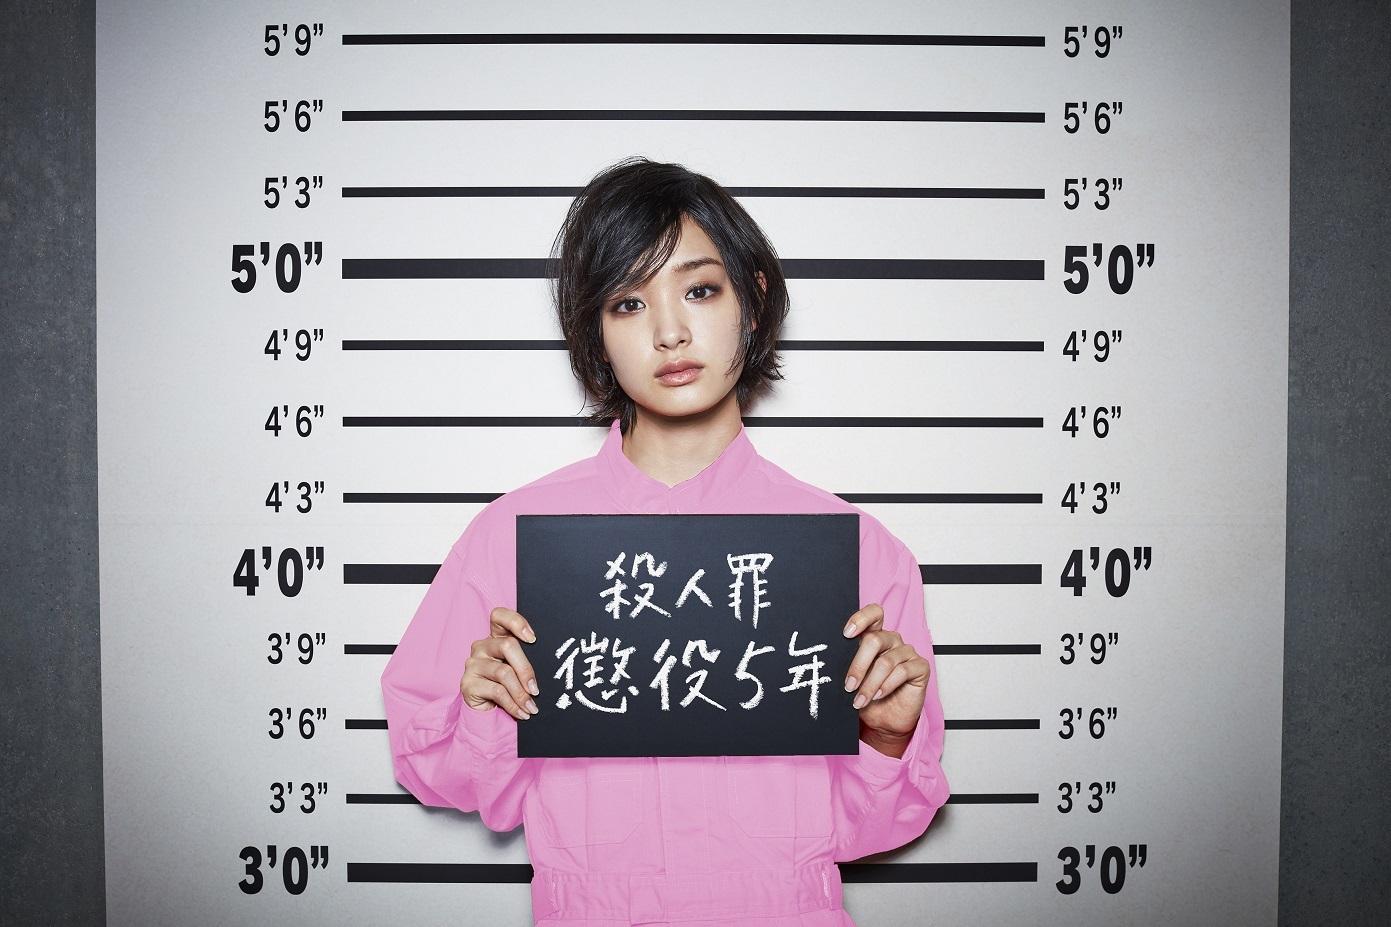 『女囚セブン』キービジュアル